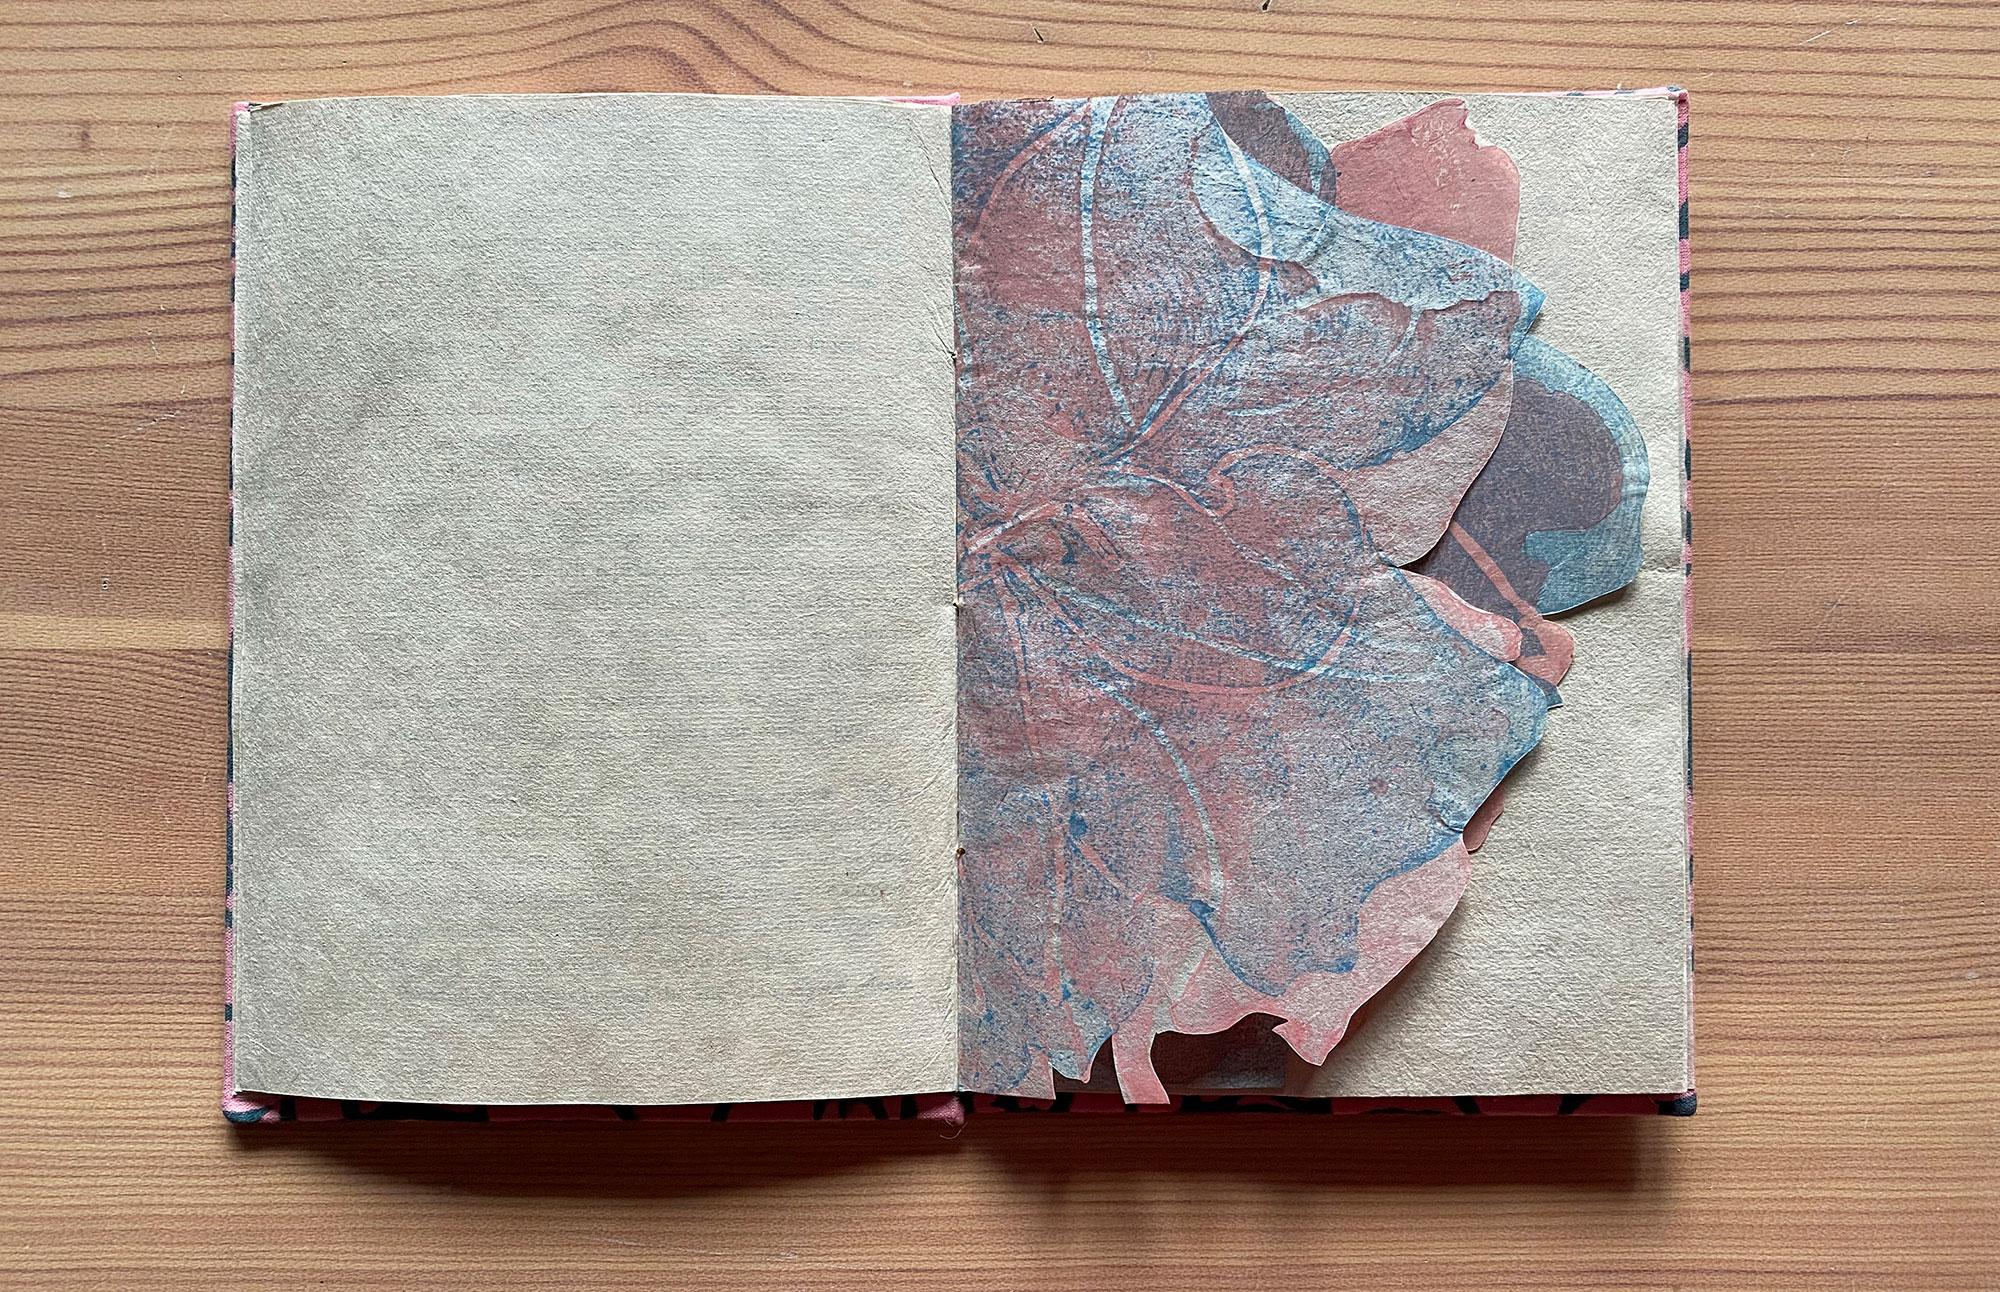 erasure book half spread